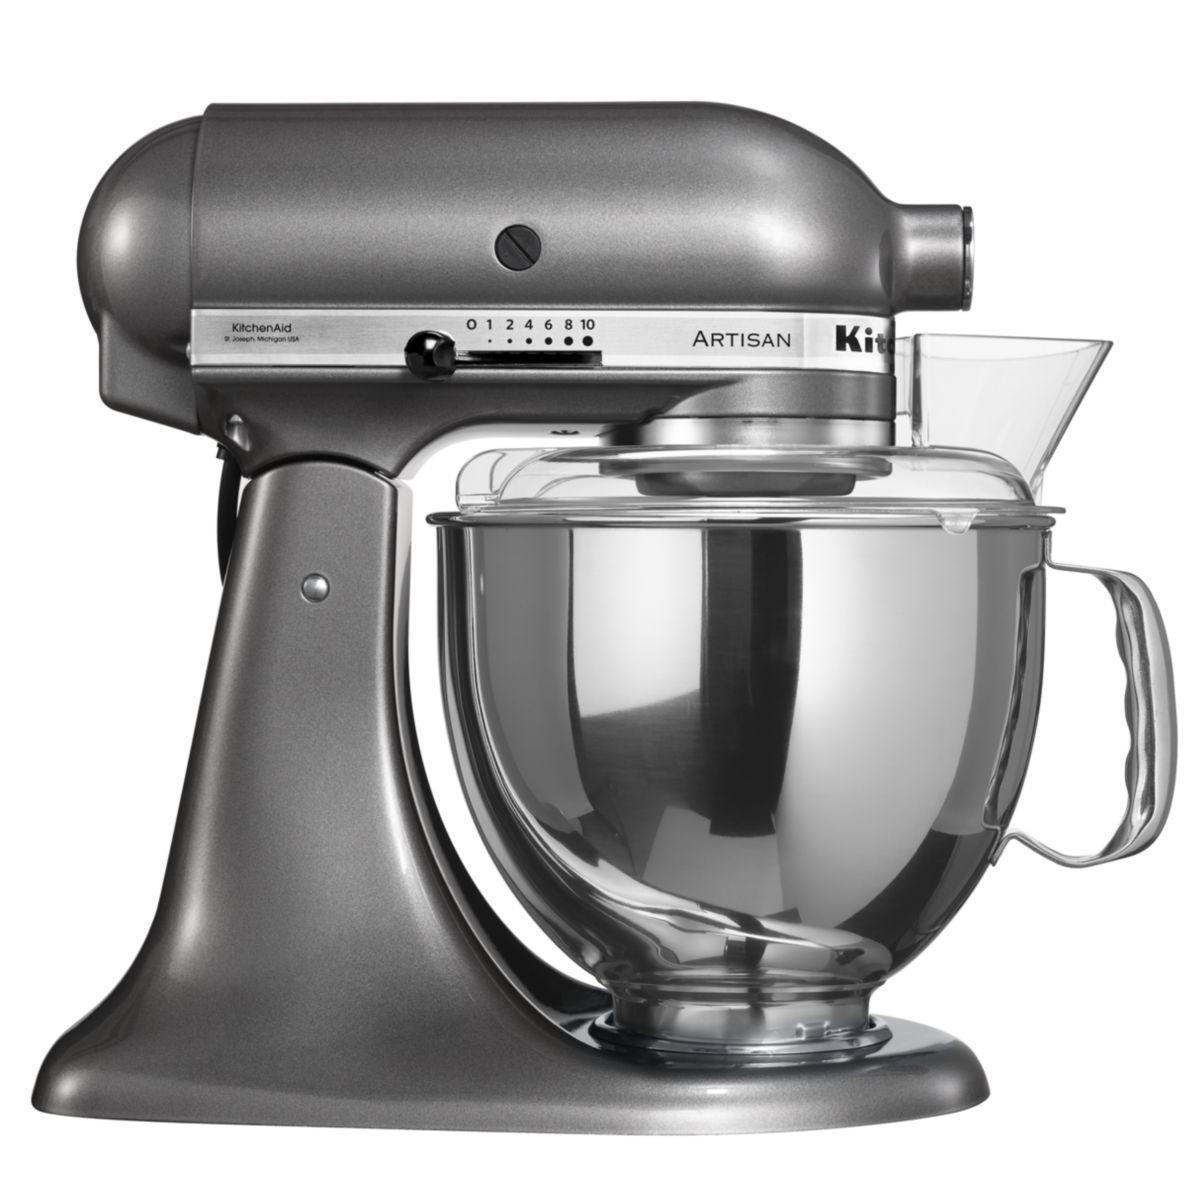 Robot sur socle artisan® kitchenaid 5ksm150ps ems gris etain - produit coup de coeur webdistrib.com !